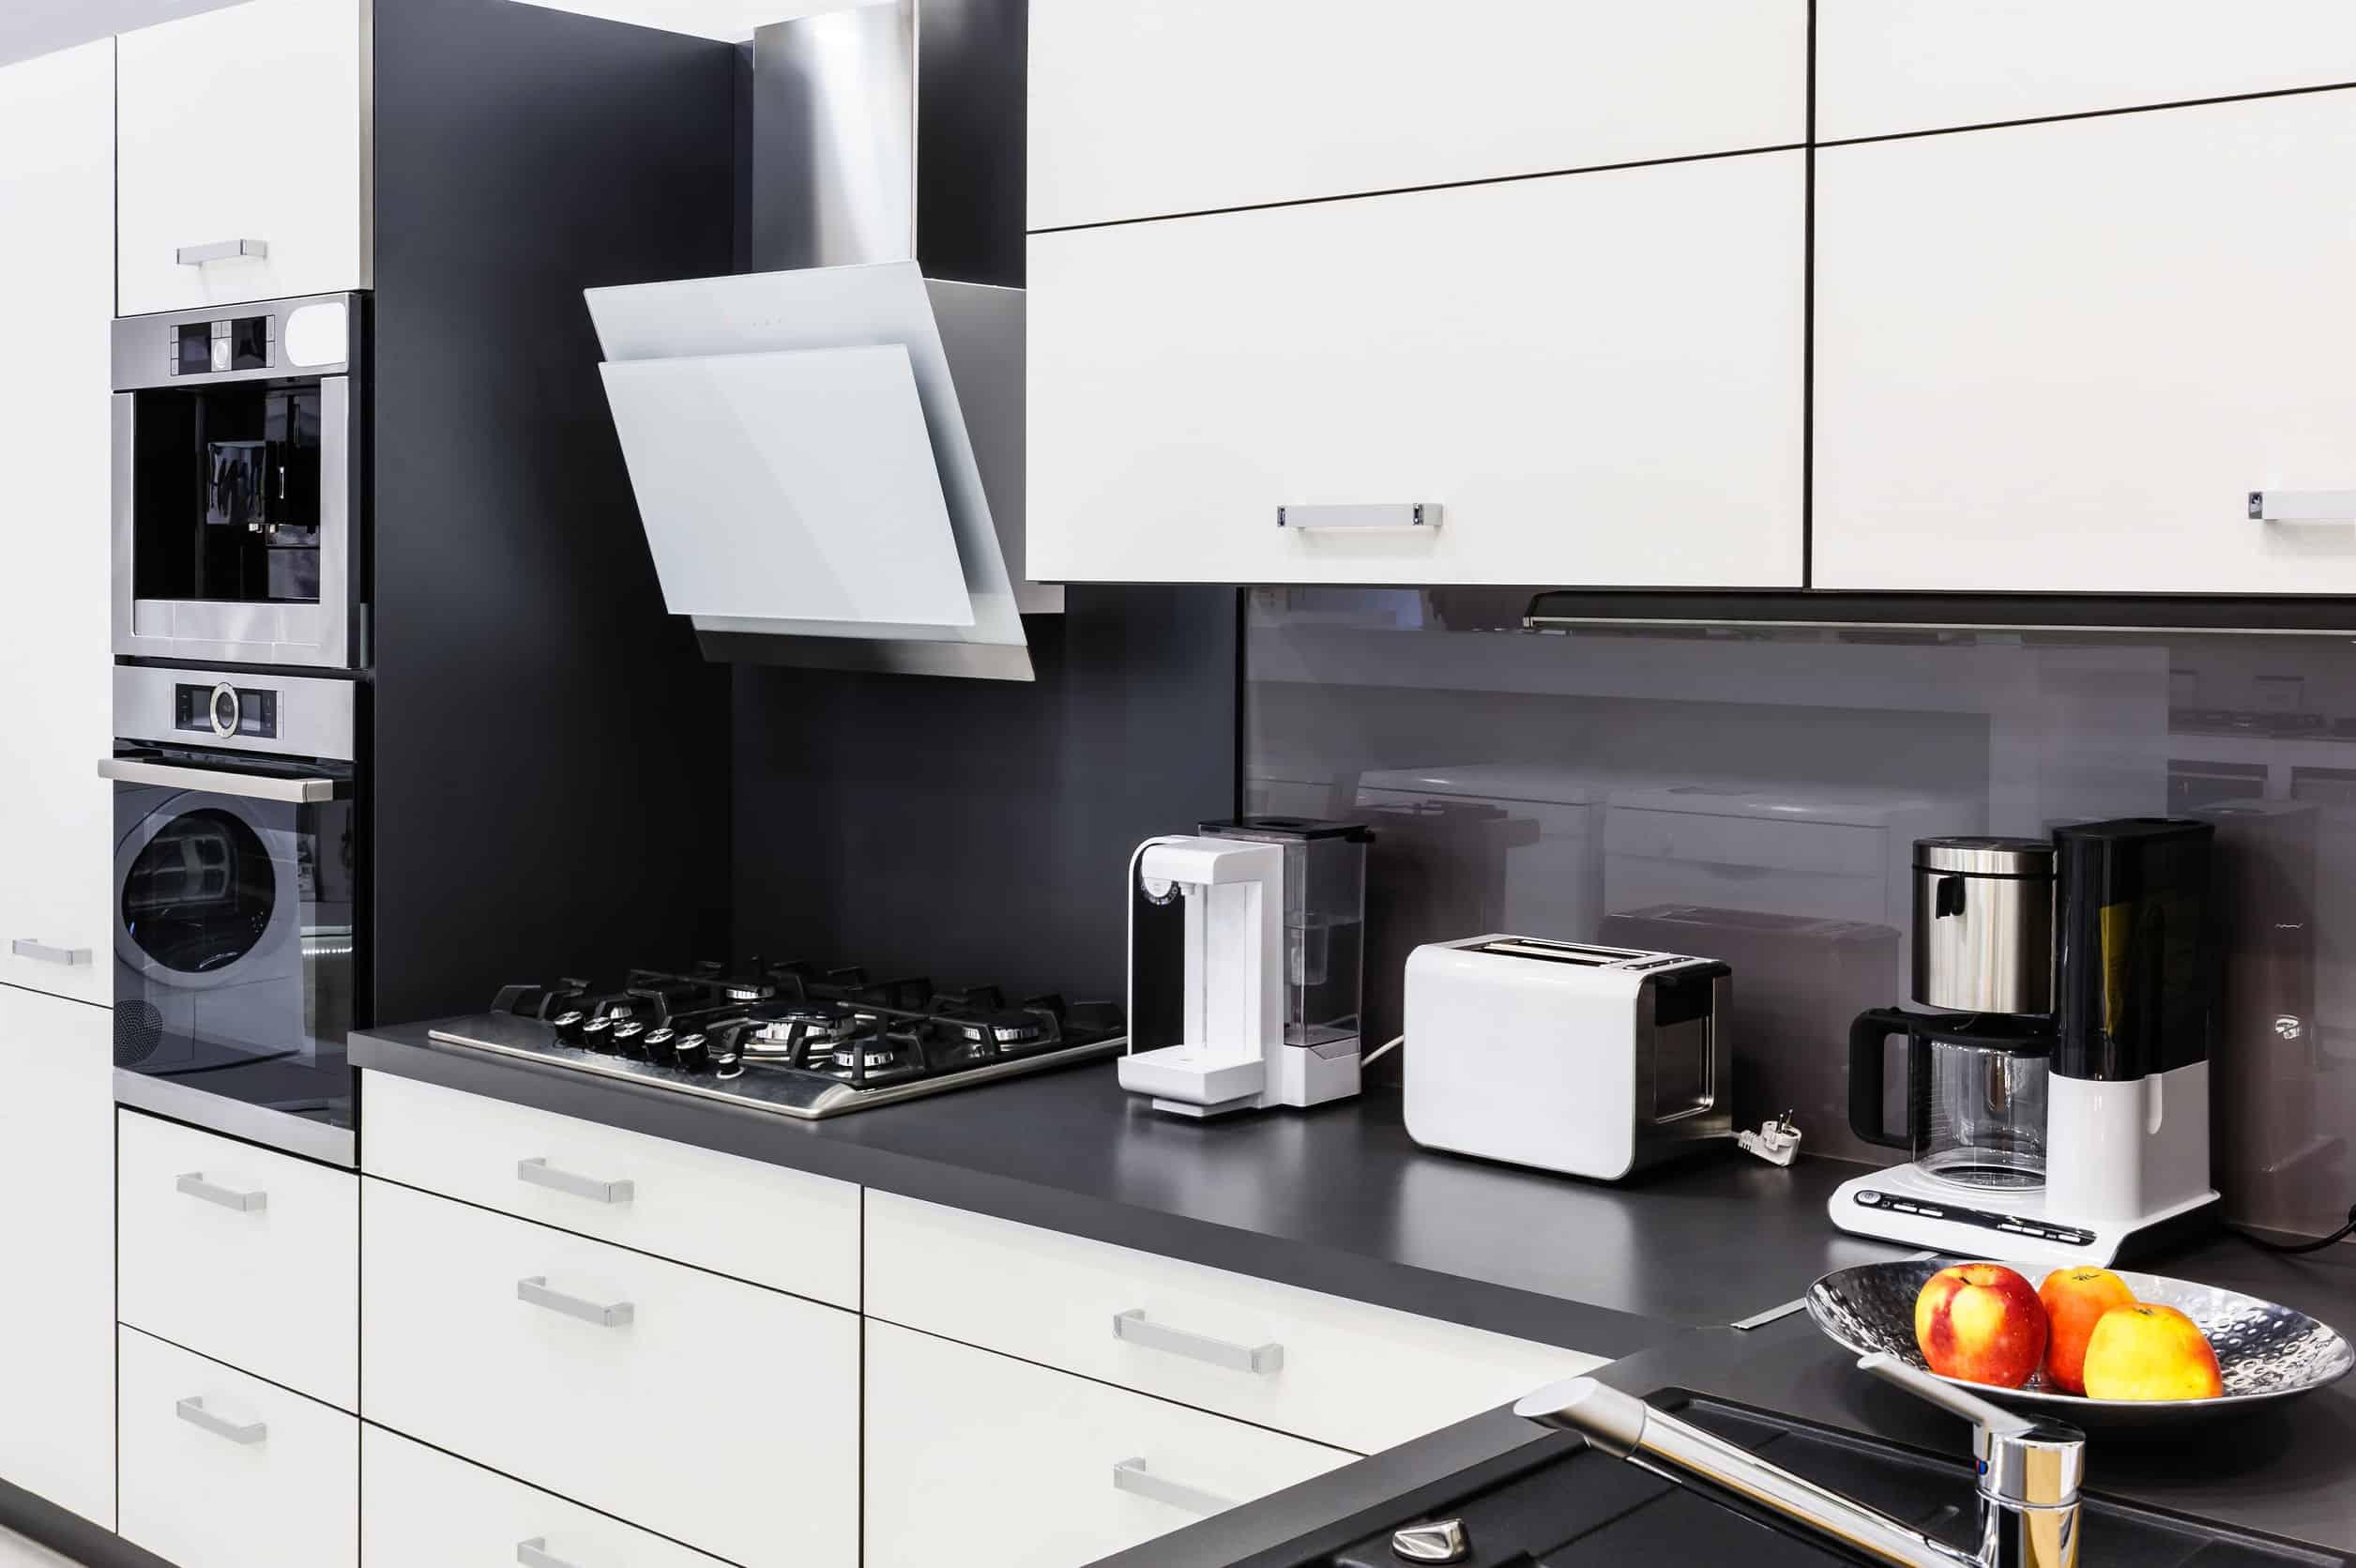 dessauer dunstabzugshaube test dunstabzugshaube 80 cm breit dunstabzugshaube unterbau. Black Bedroom Furniture Sets. Home Design Ideas